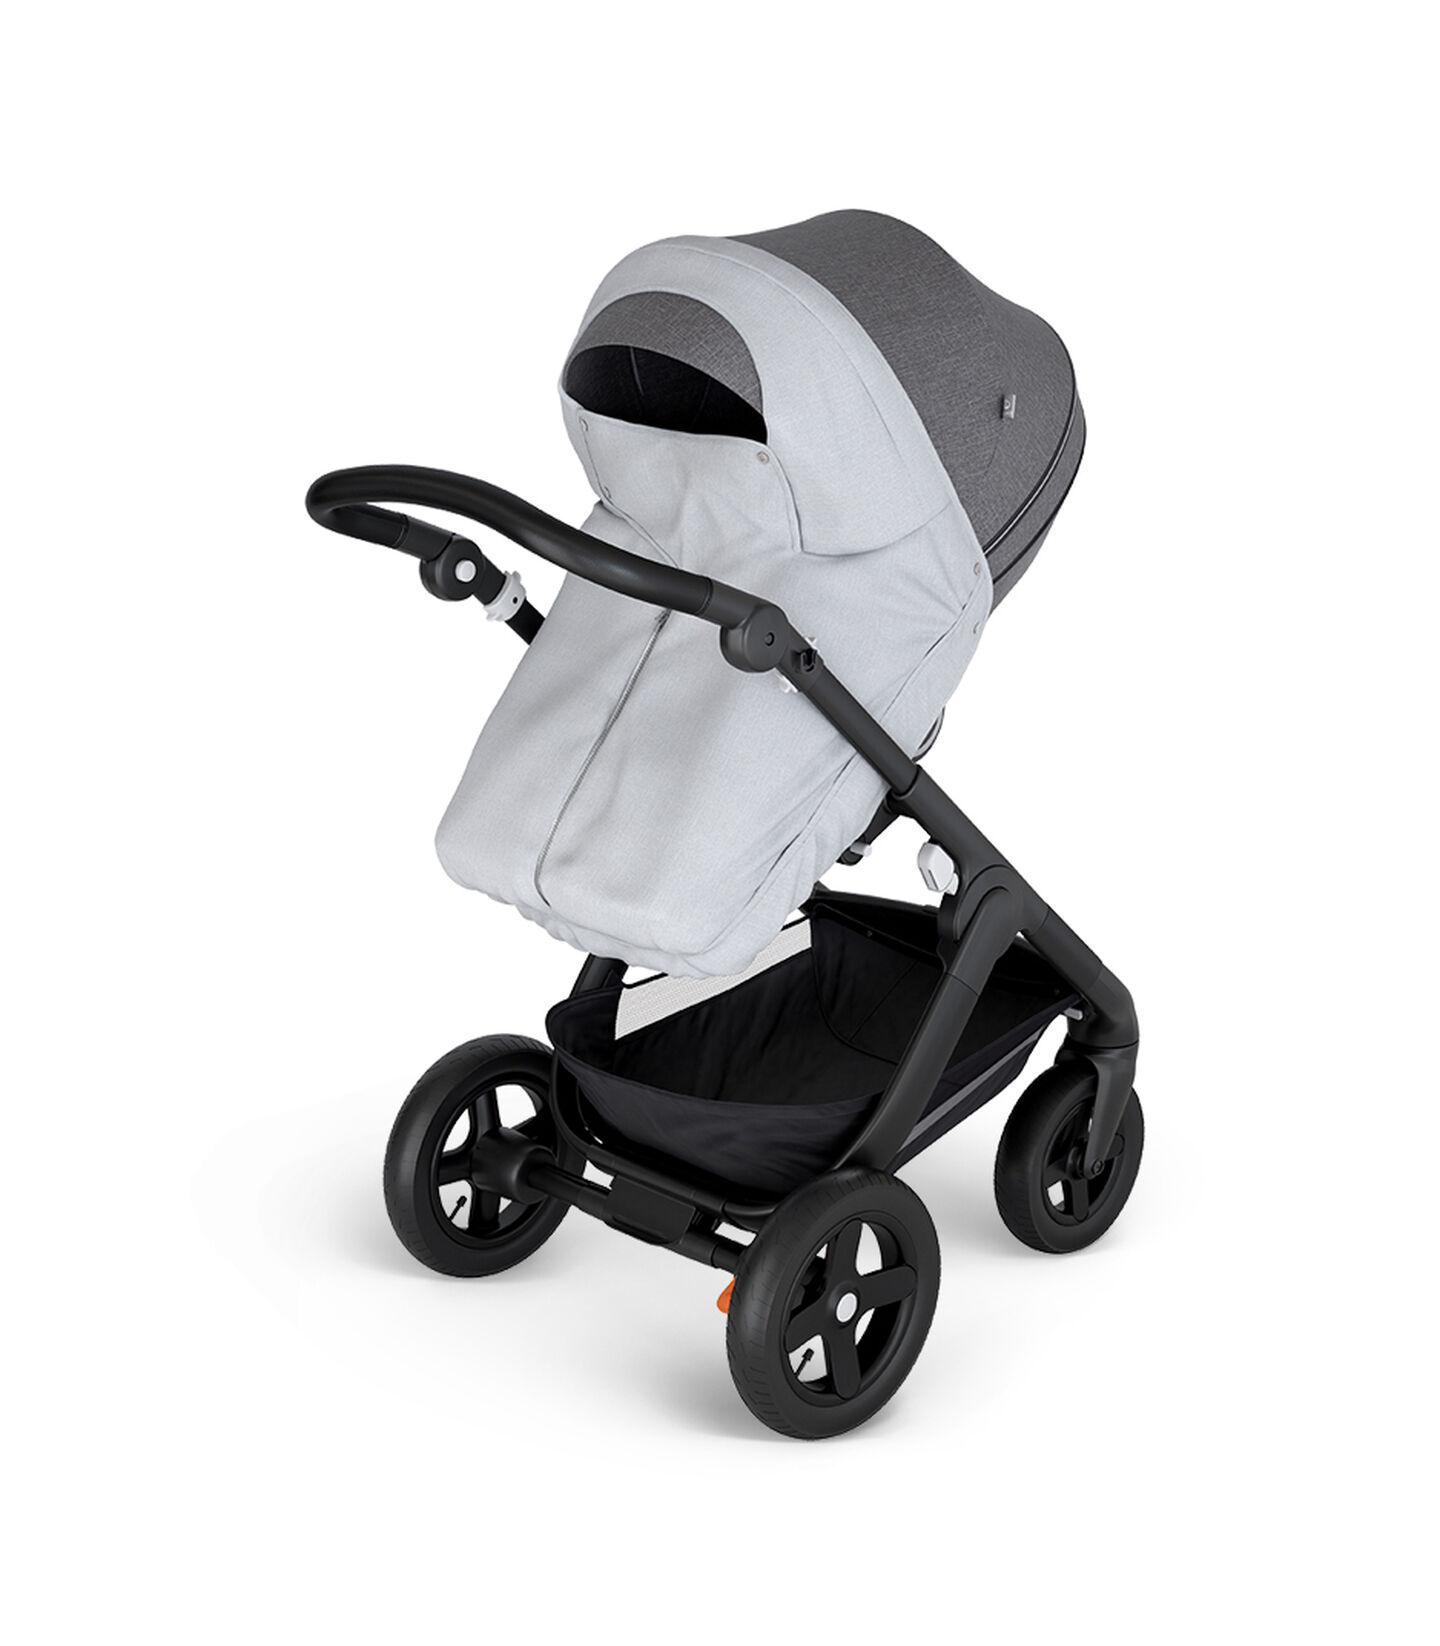 Stokke® Trailz™ with Black Chassis and Stokke® Stroller Seat Black Melange. Stokke® Stroller Storm Cover, Grey Melange.